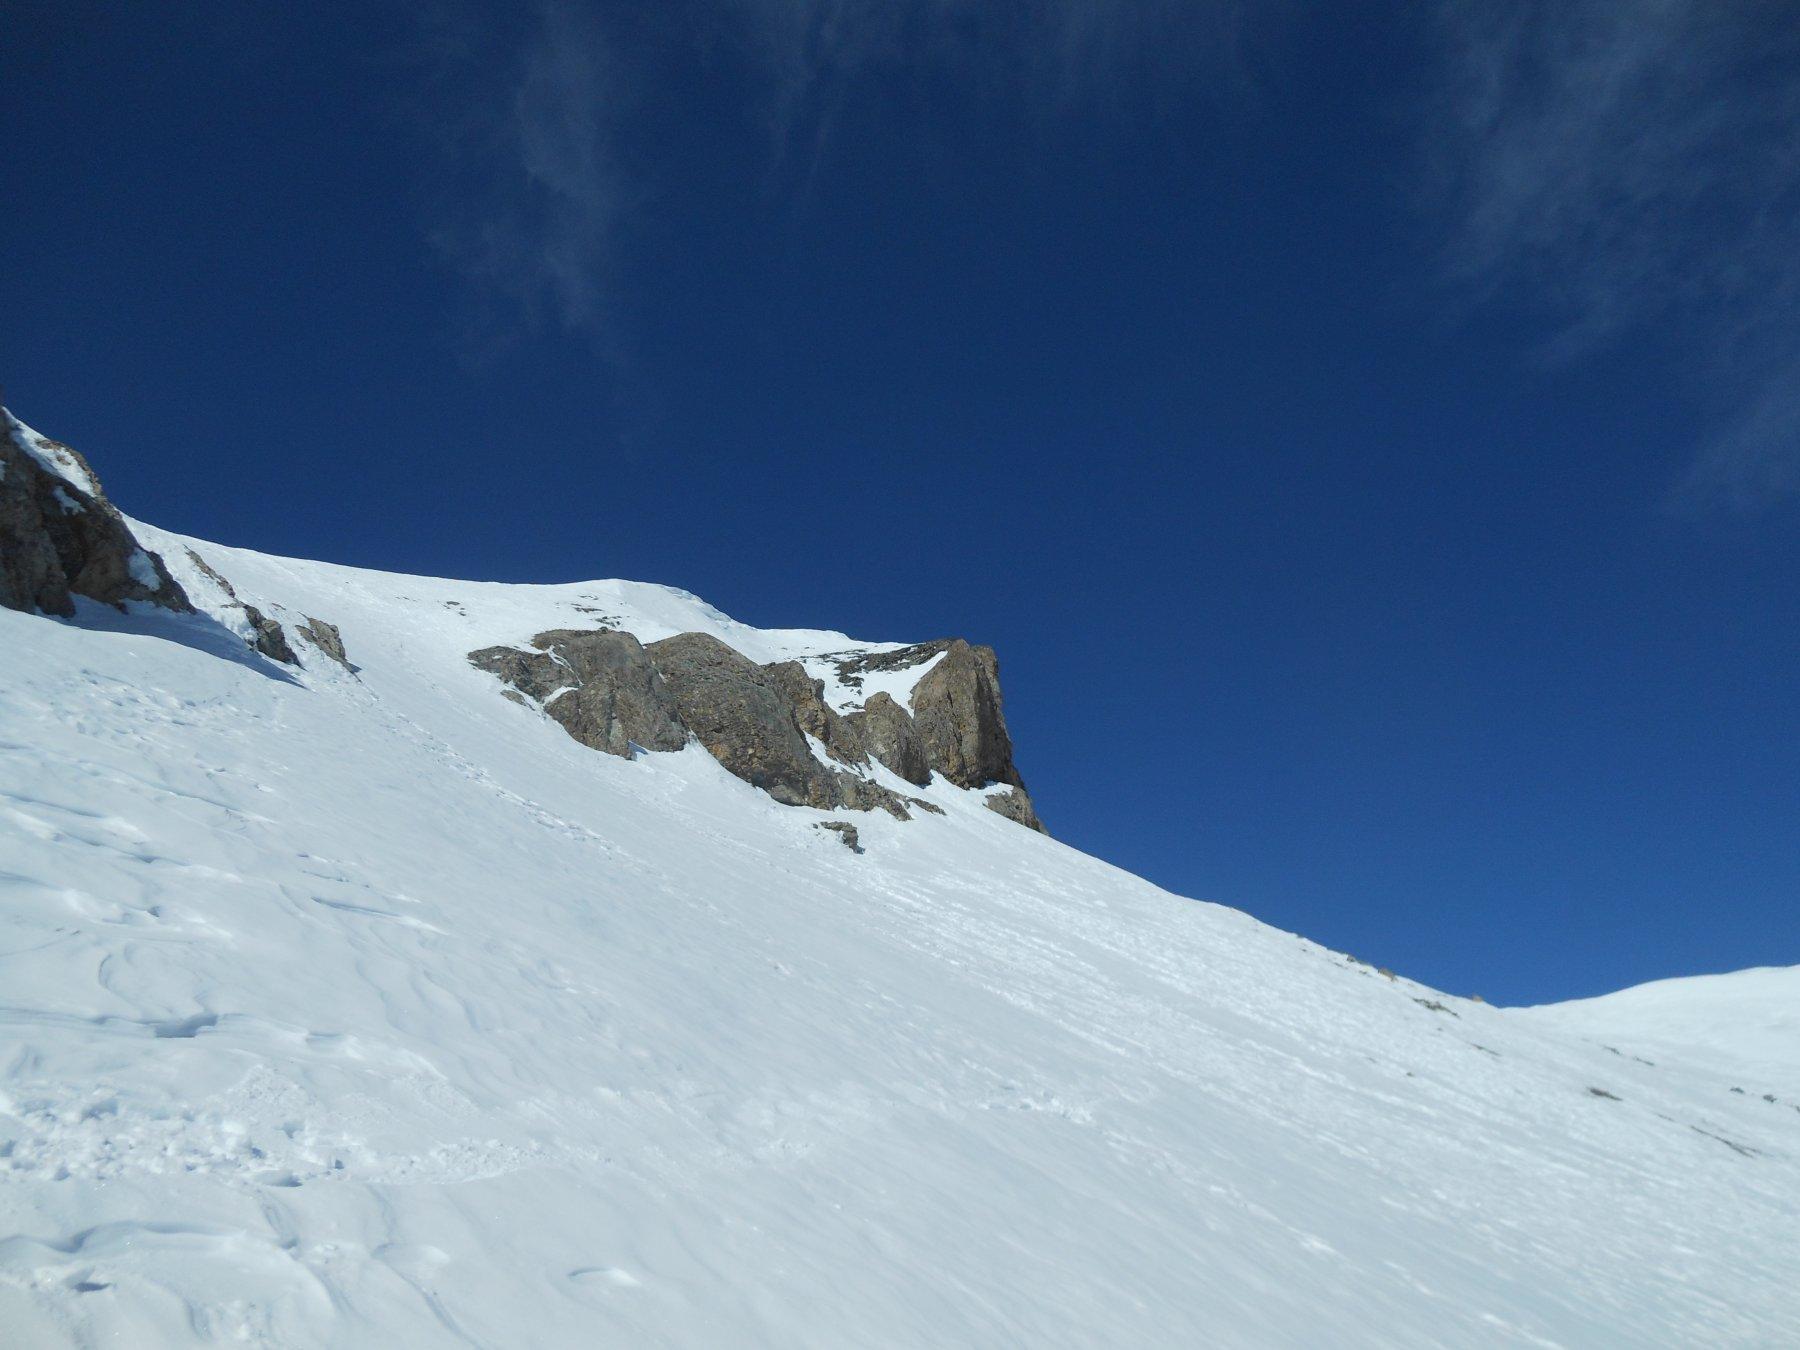 Neve dura un po' ventata sotto la punta, molto sciabile